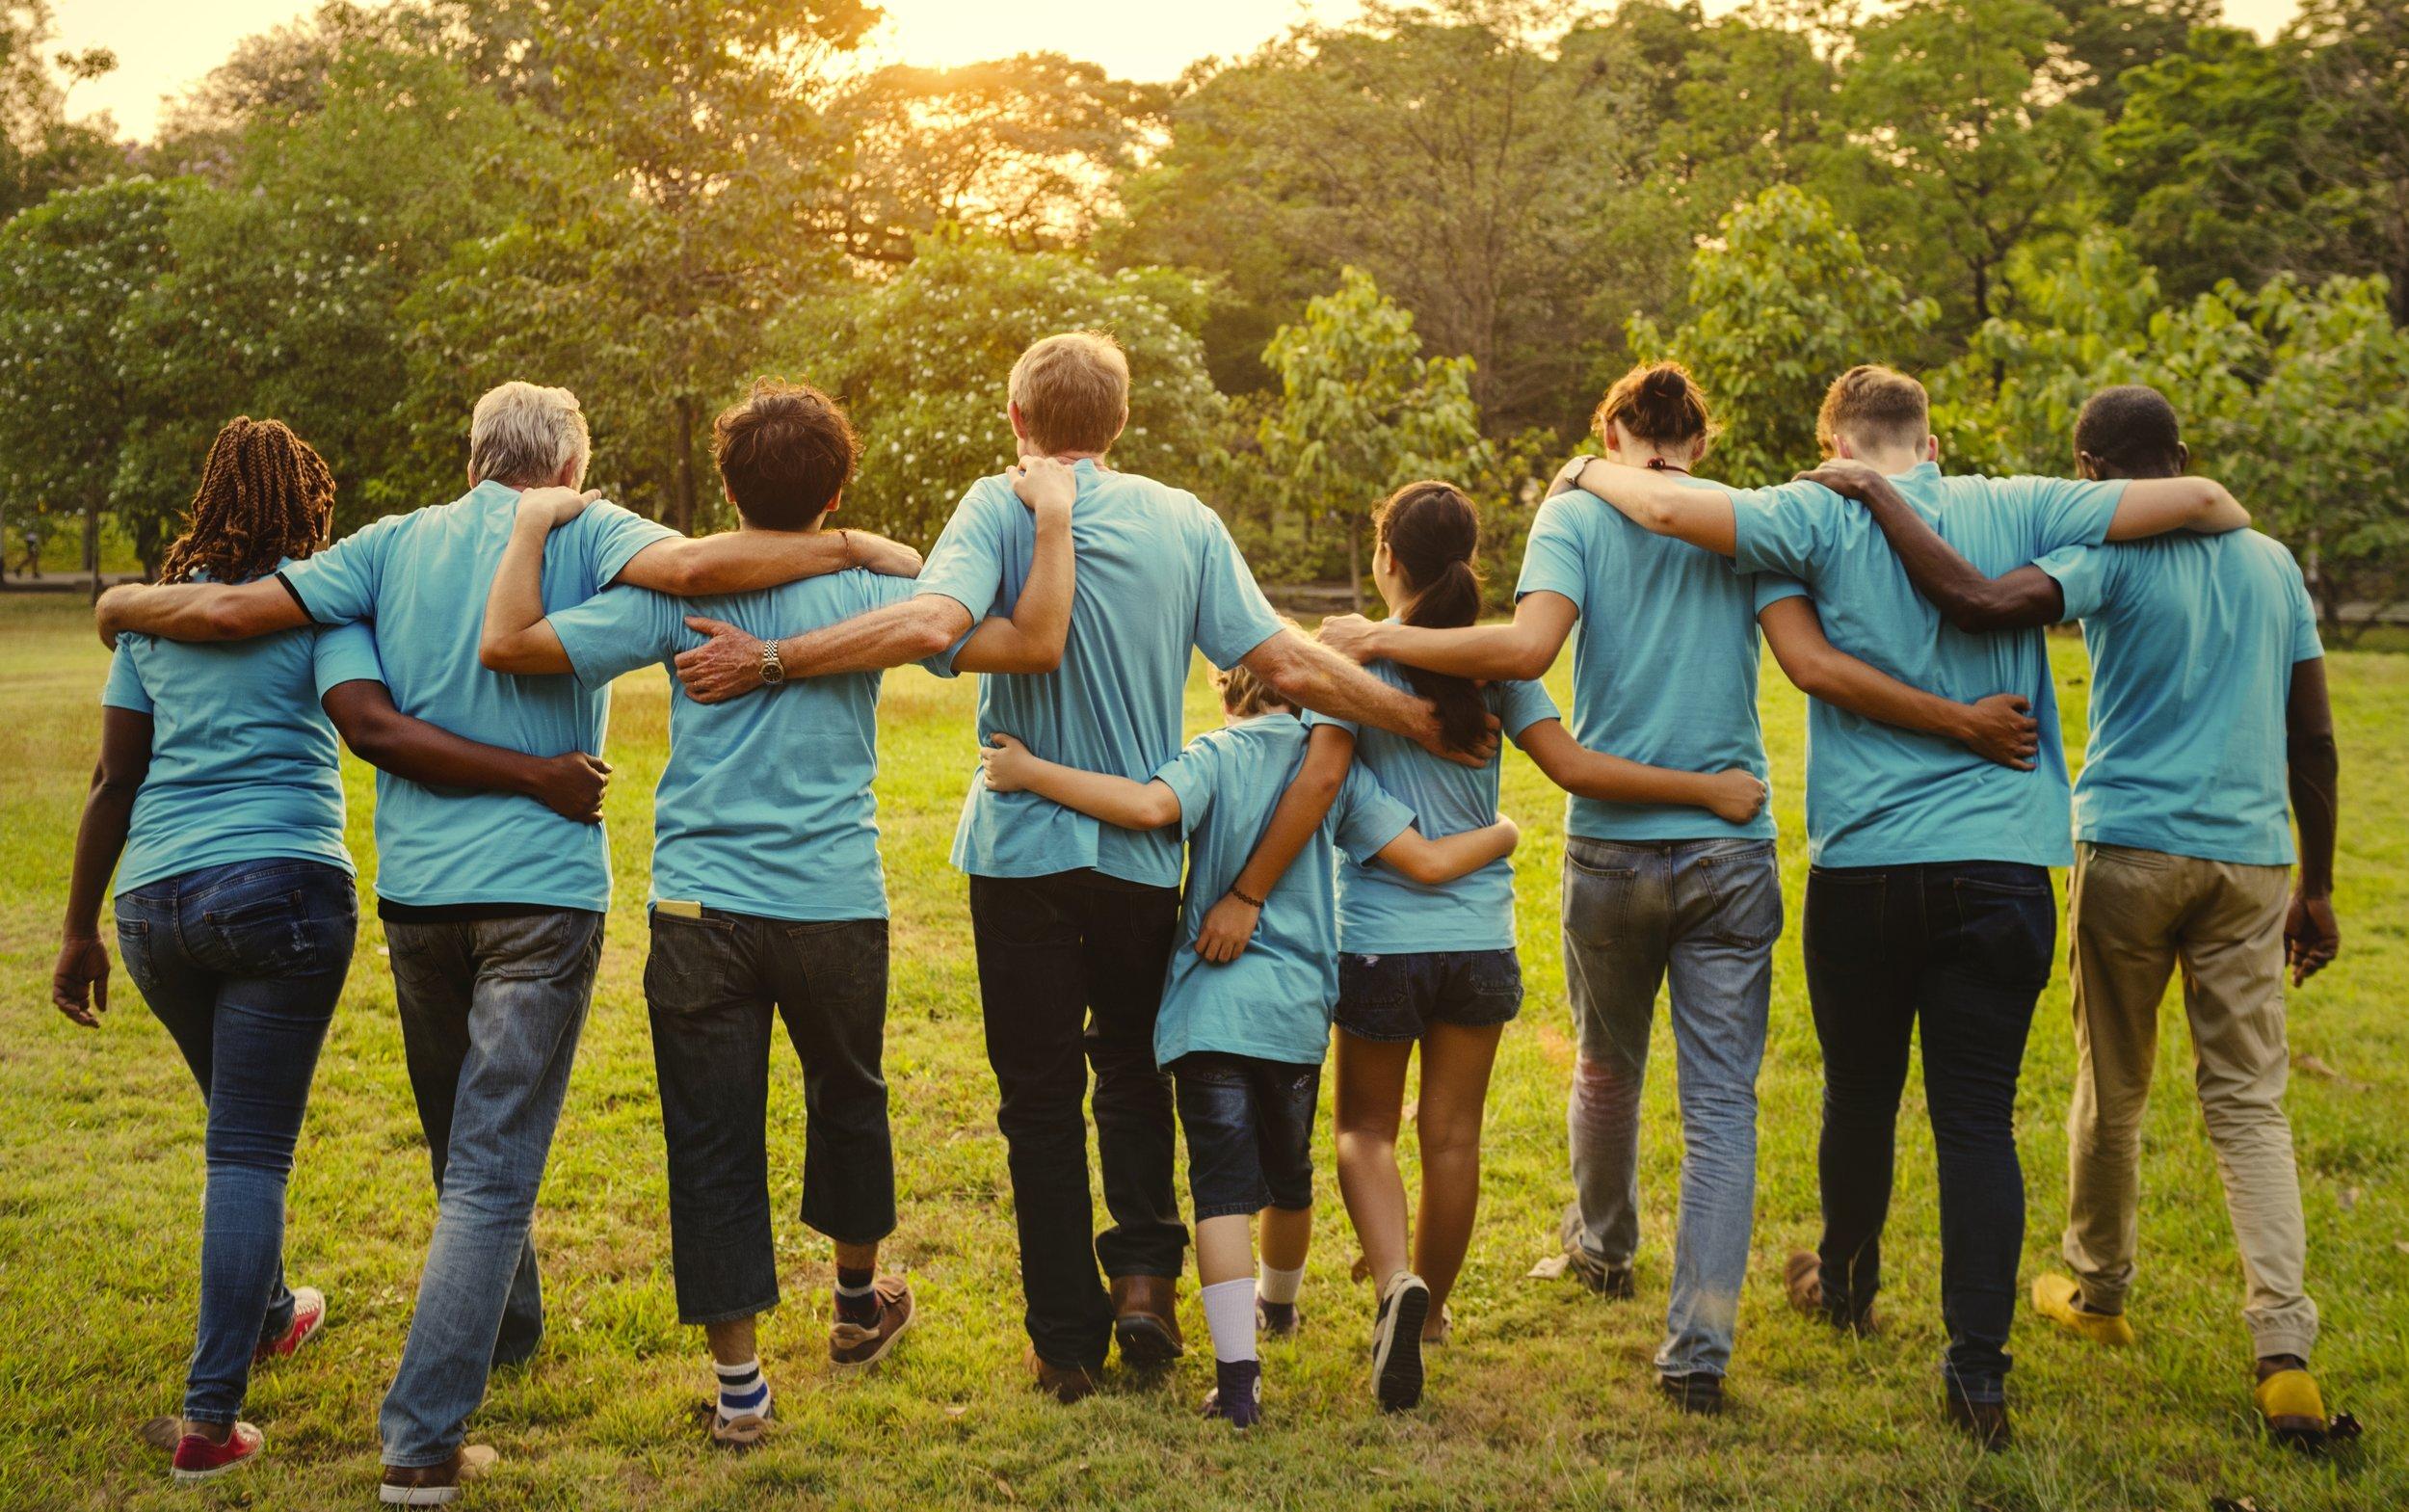 group-of-diversity-people-volunteen-arm-around-UDHZGYT.jpg